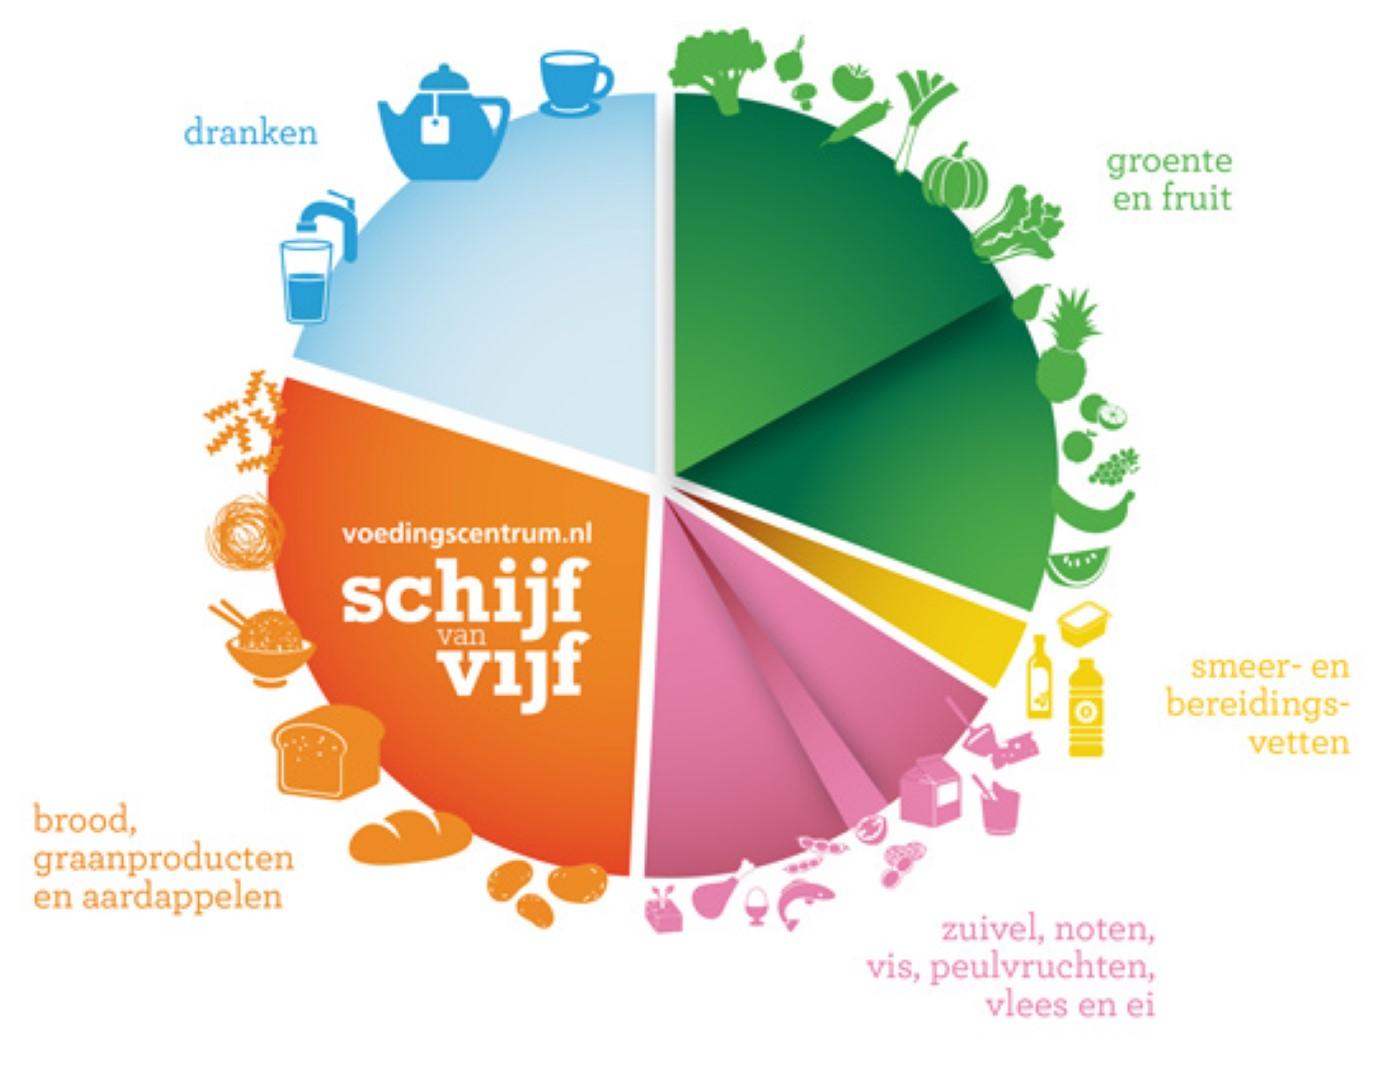 Nederlandse schijf van vijf vernieuwd: meer groenten en minder bewerkt voedsel